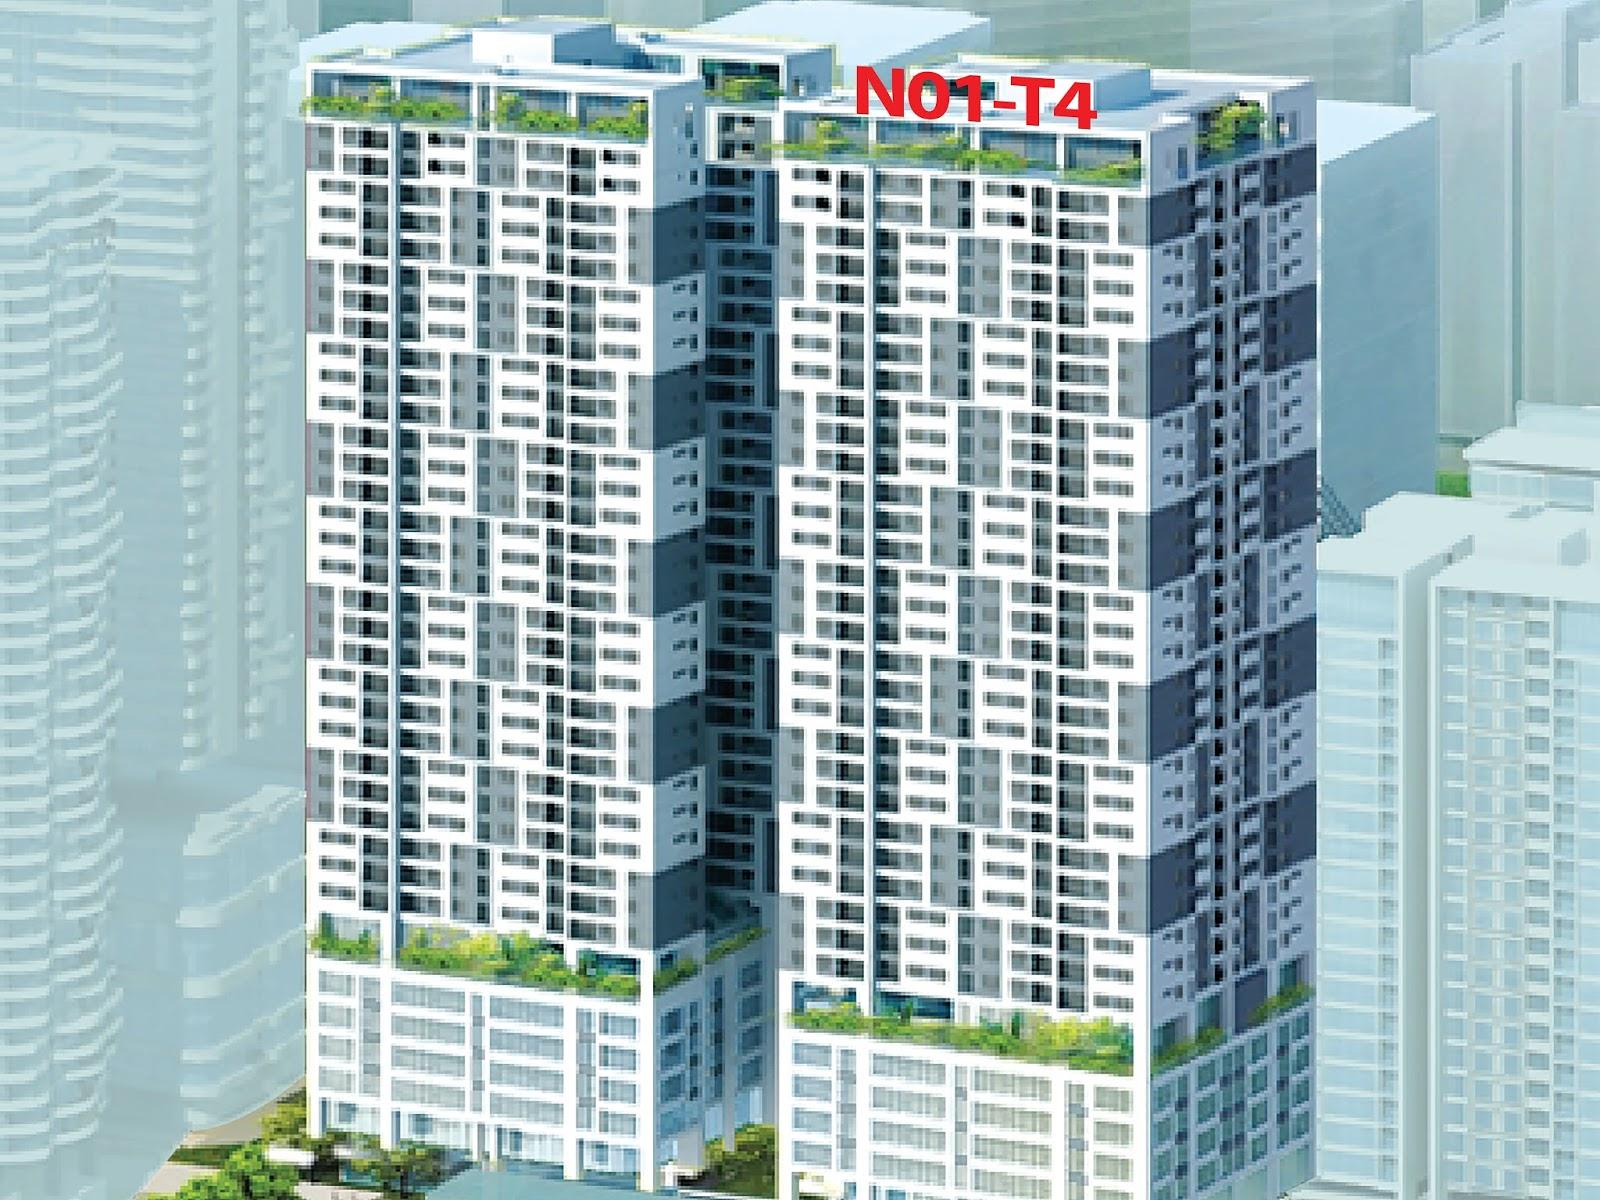 Cuộc sống thăng hoa cùng tiện ích căn hộ chung cư N01T4 Ngoại Giao Đoàn